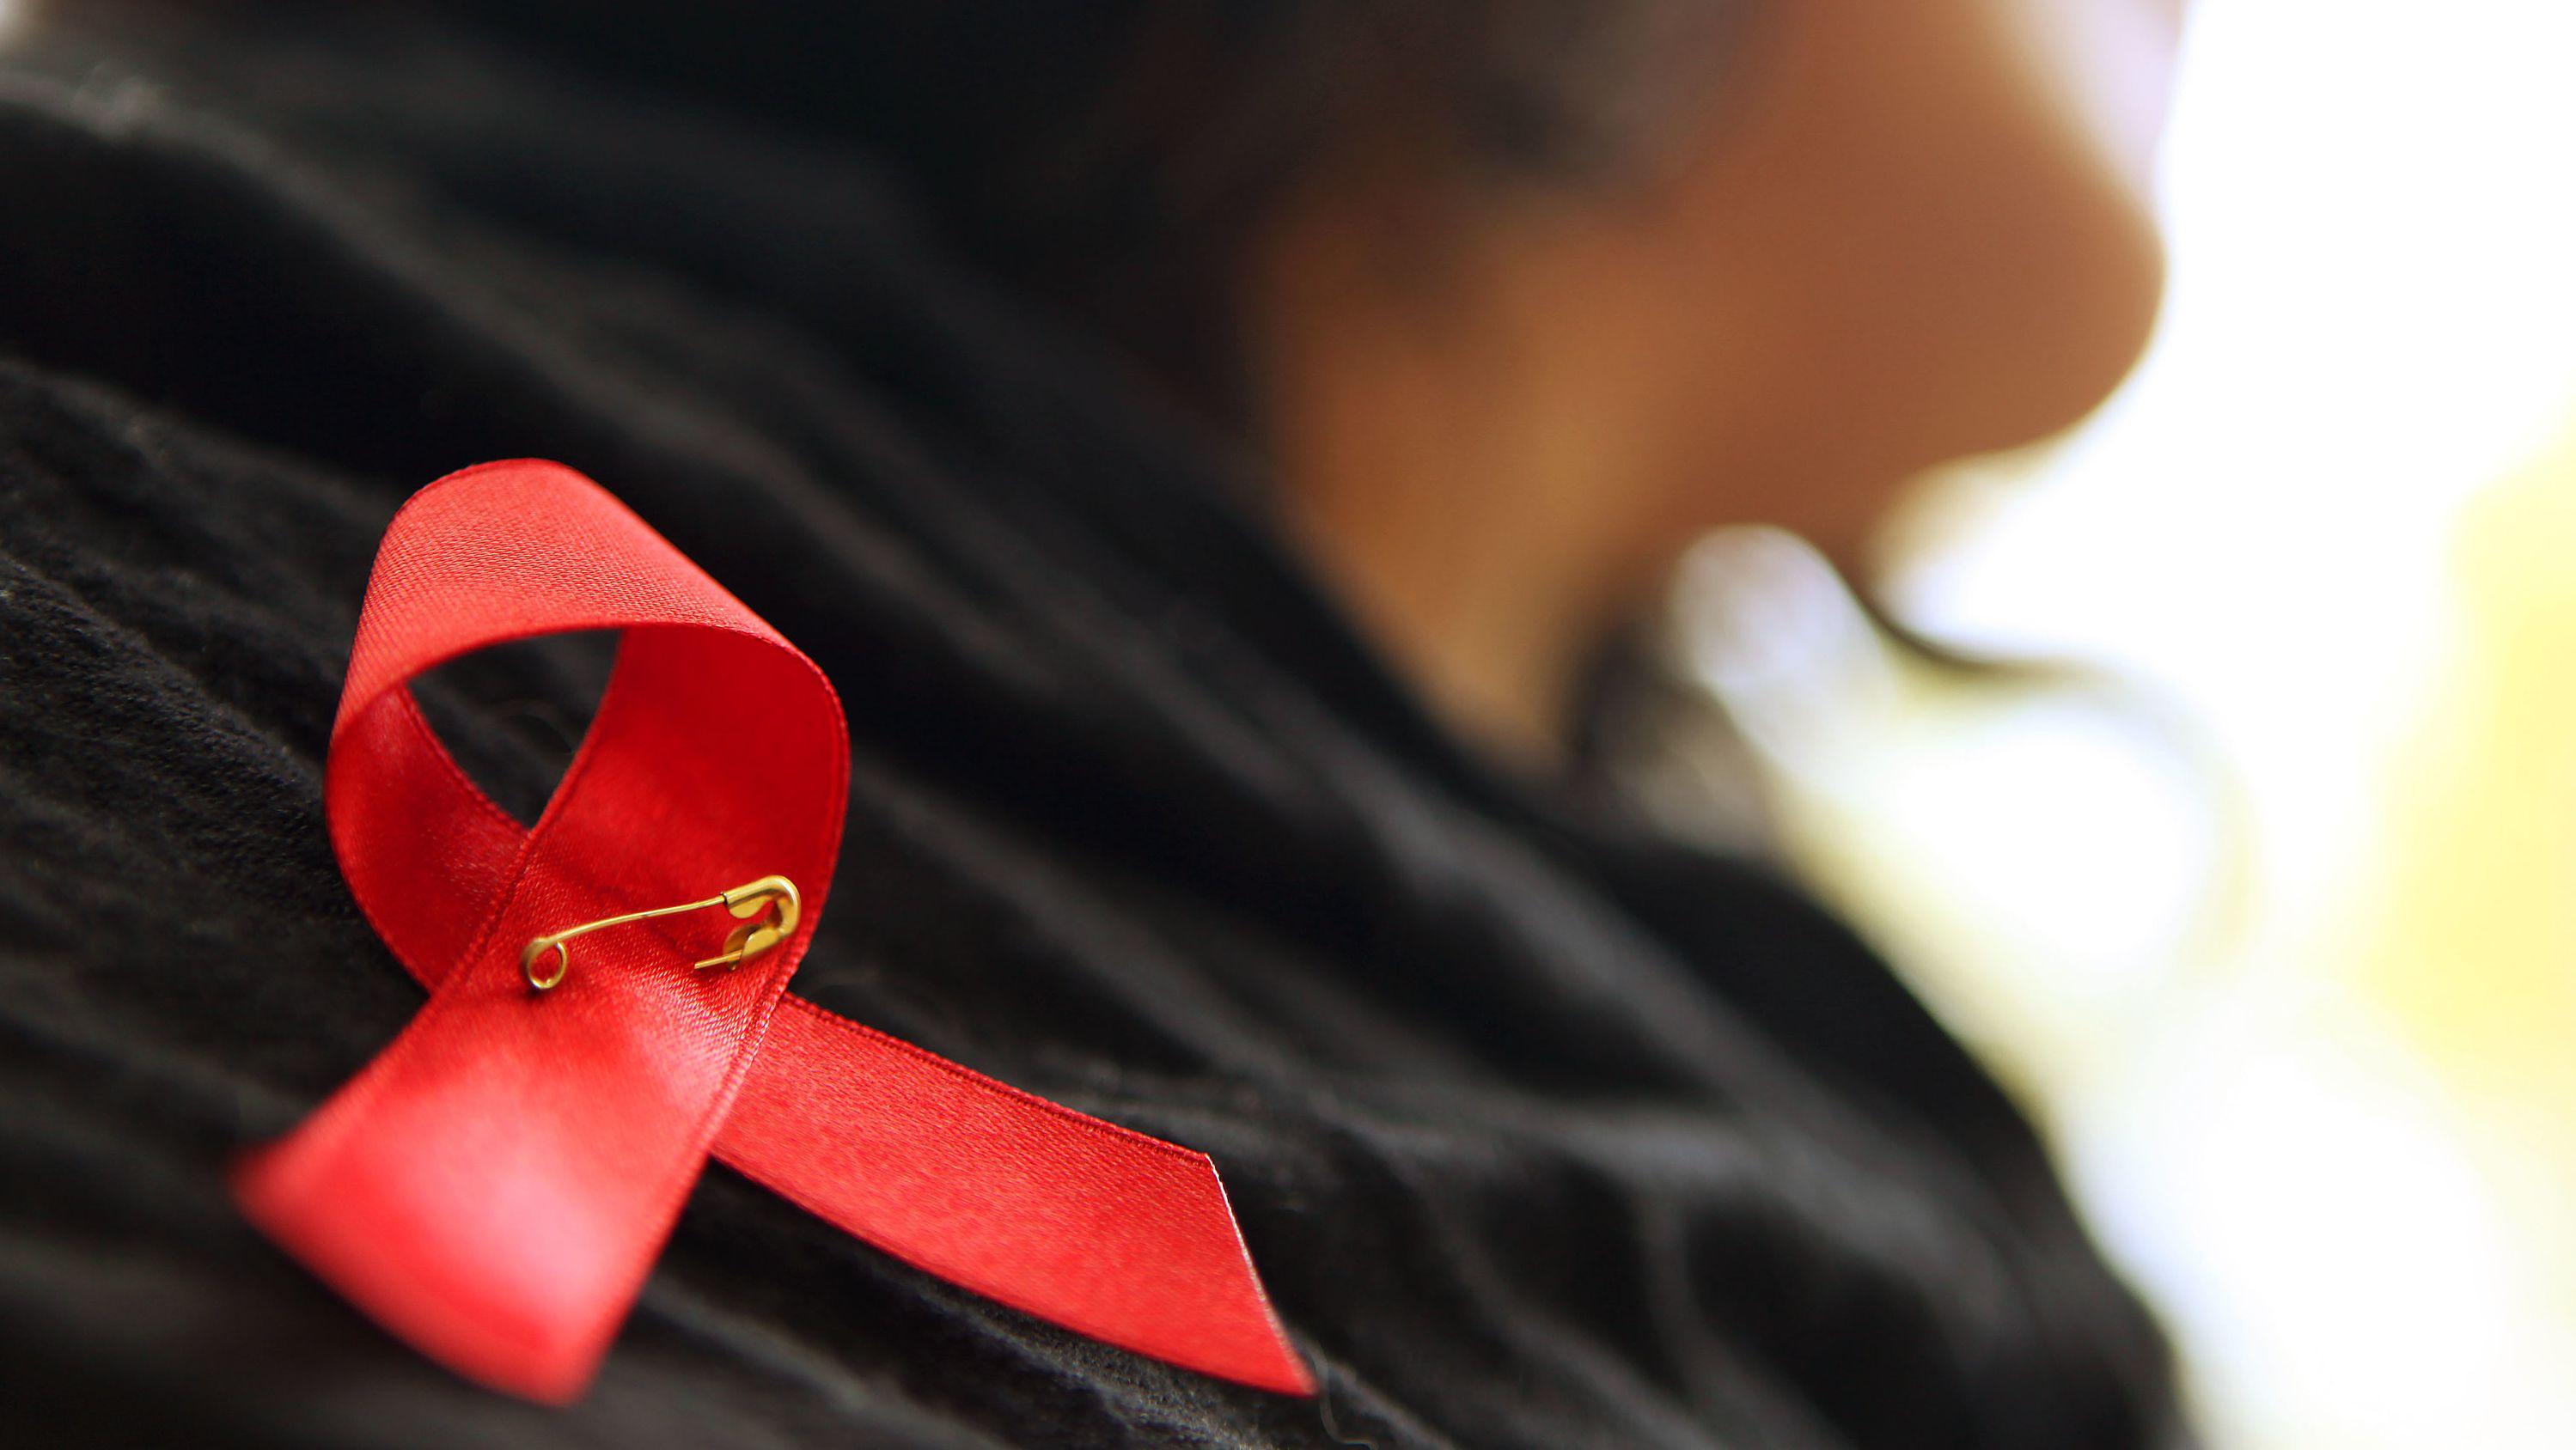 Frau trägt rote Schleife an der Schulter, die als Symbol der Solidarität mit HIV-Infizierten dient